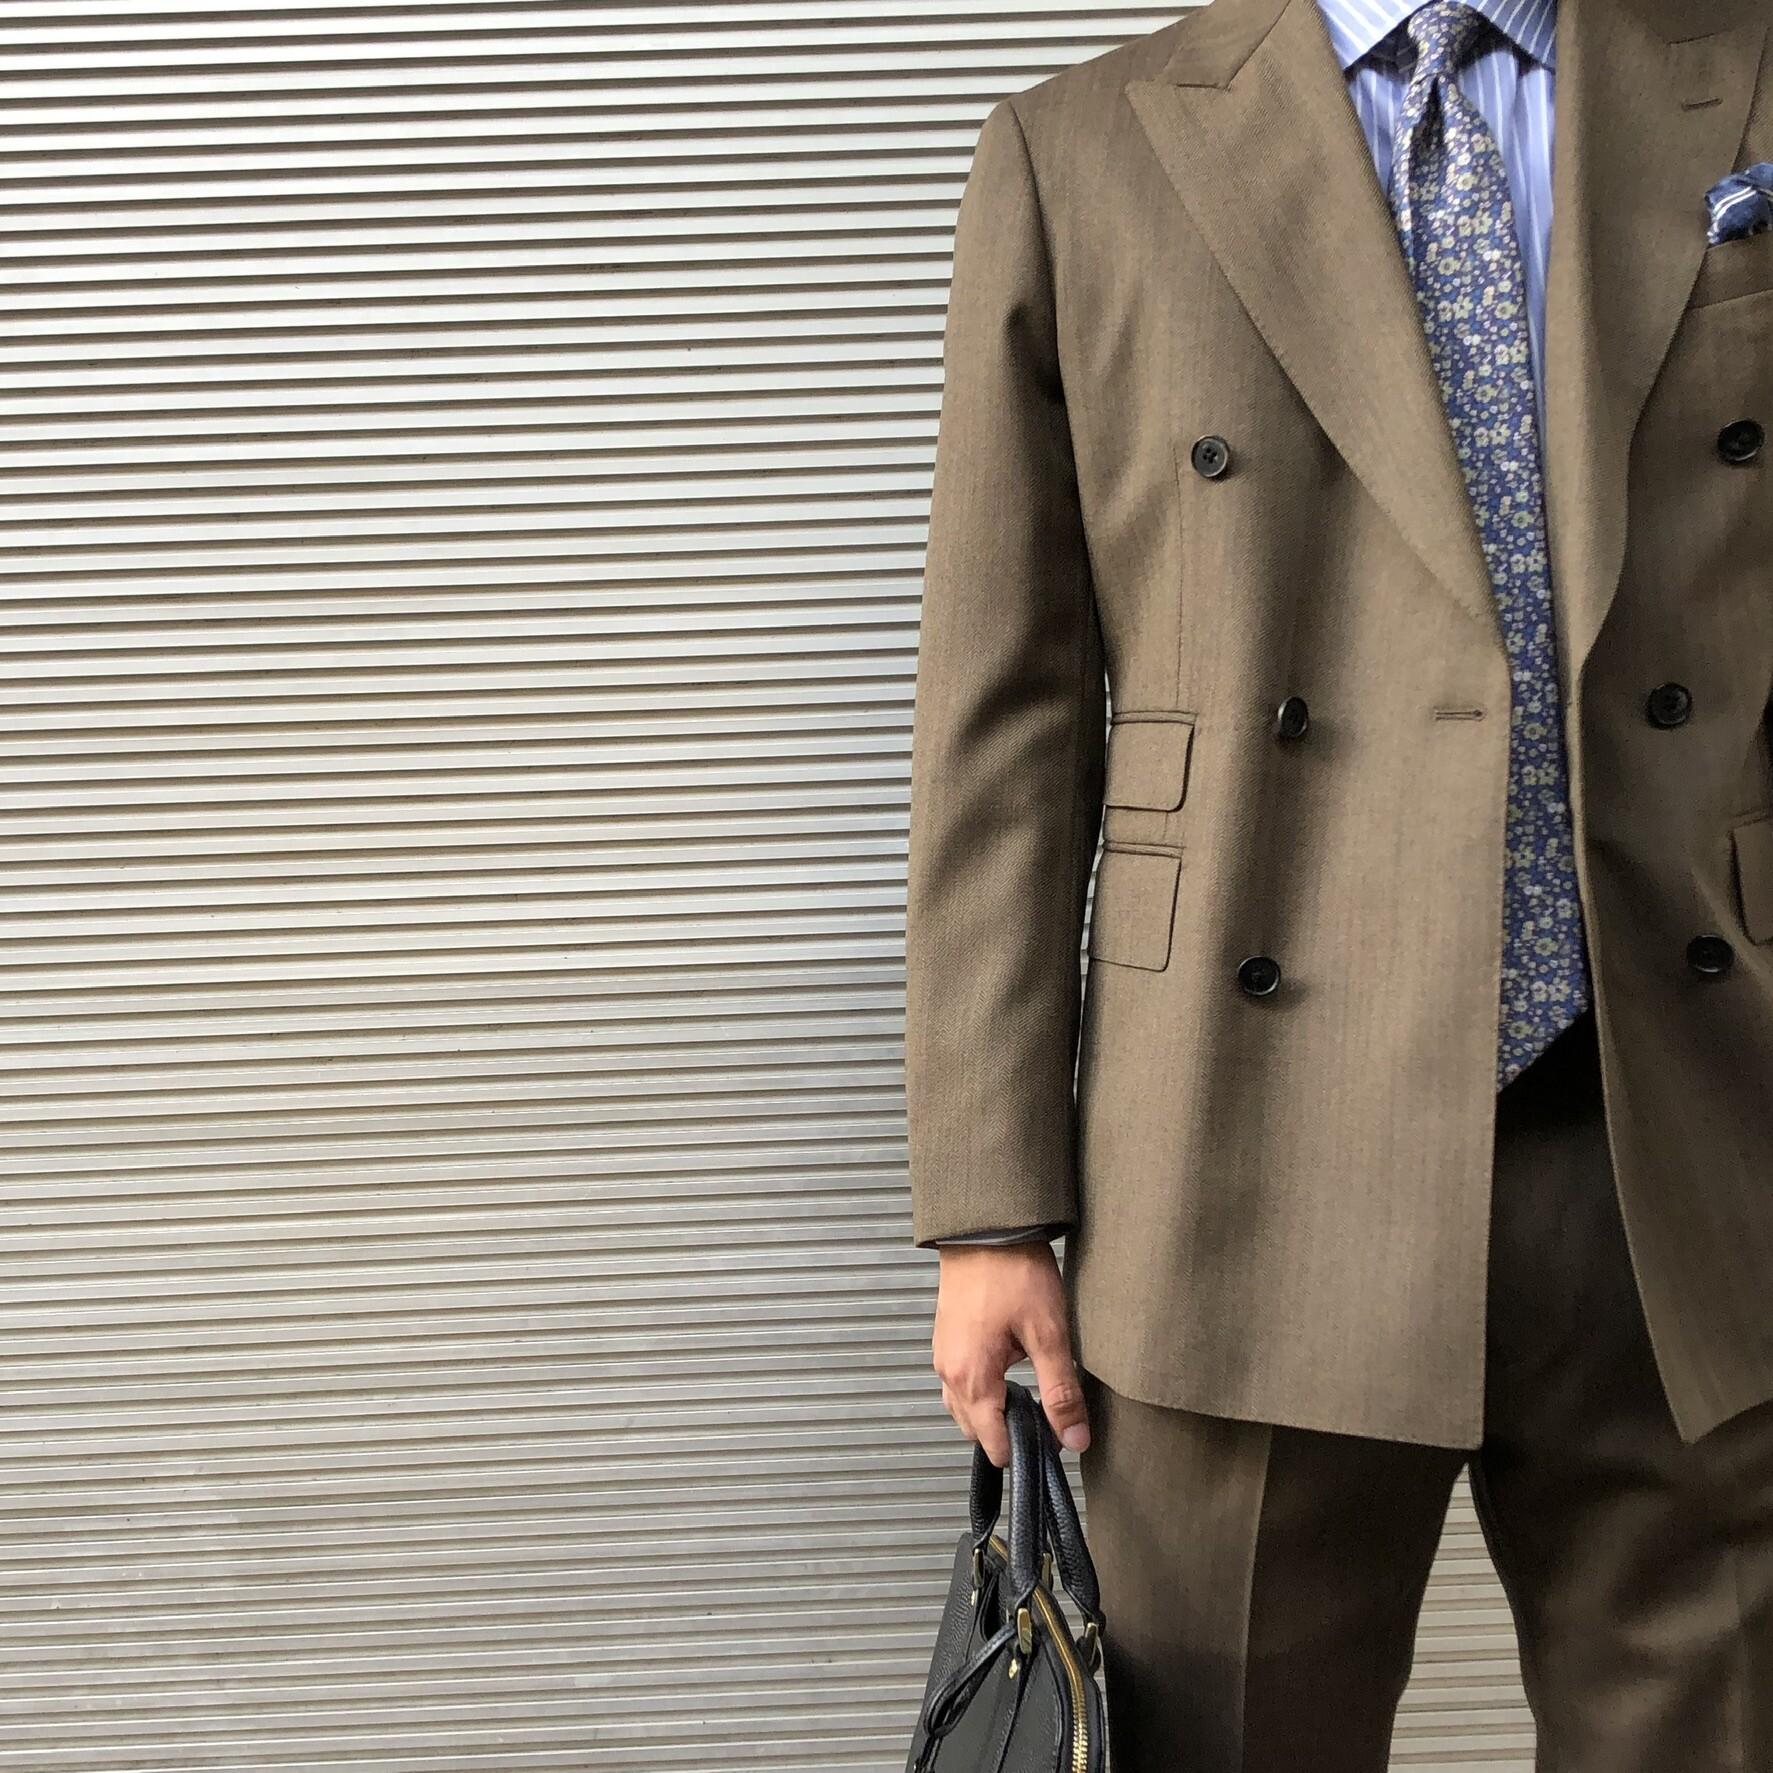 今年のスーツはダブルブレストで決まり。